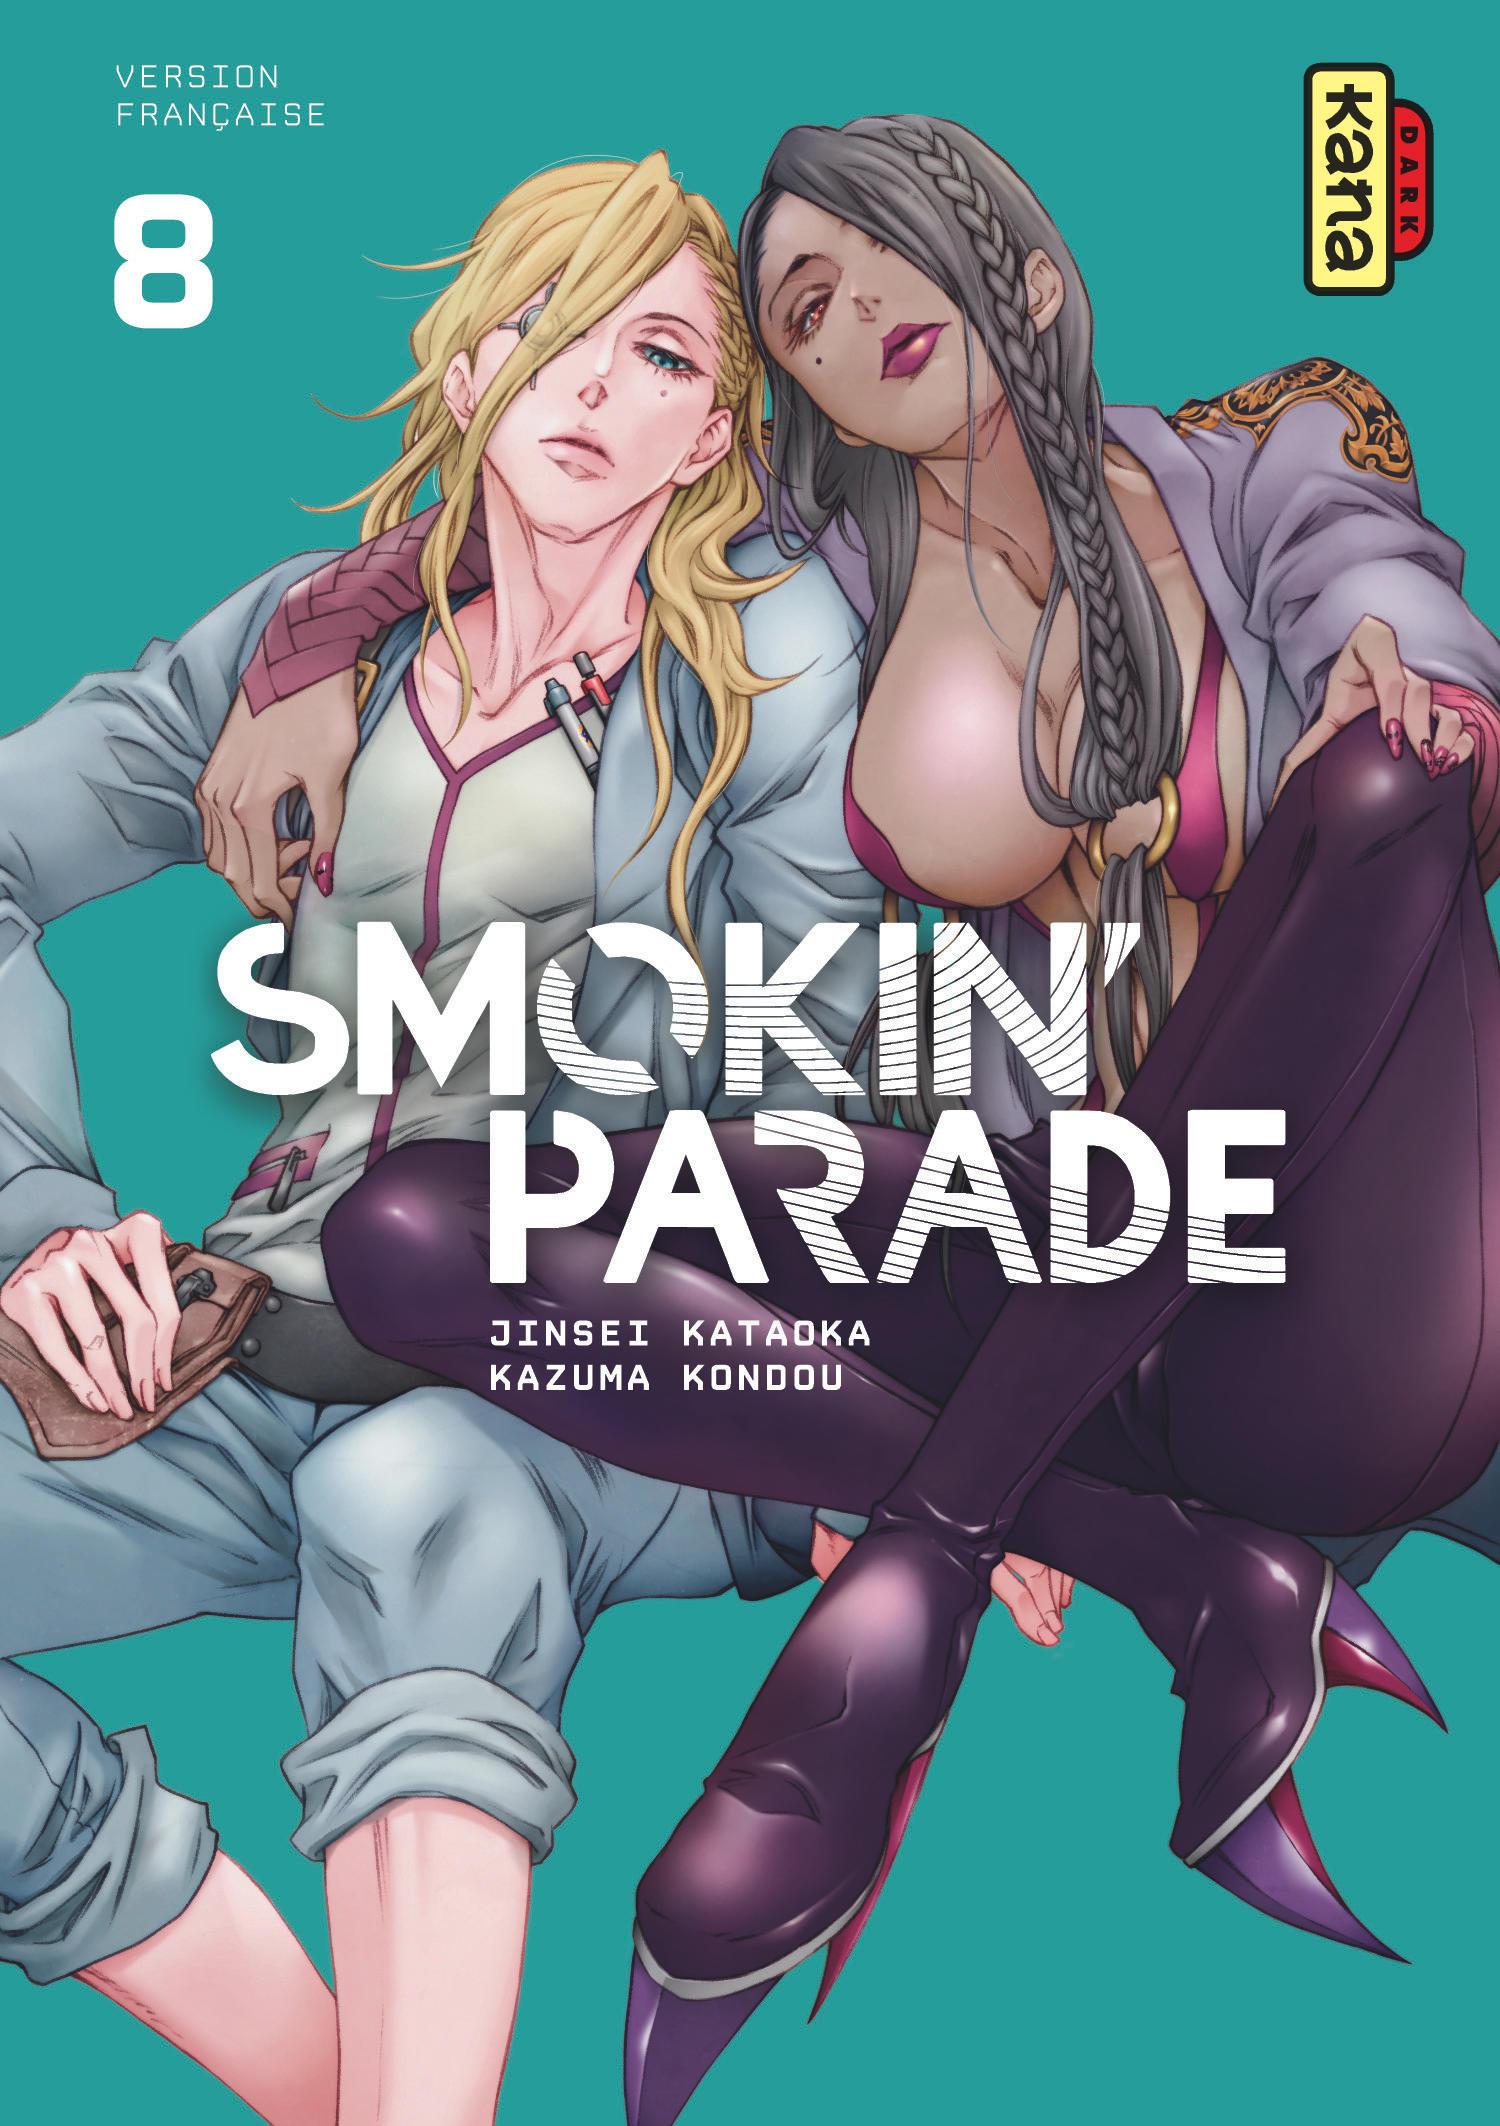 Smokin' parade 8